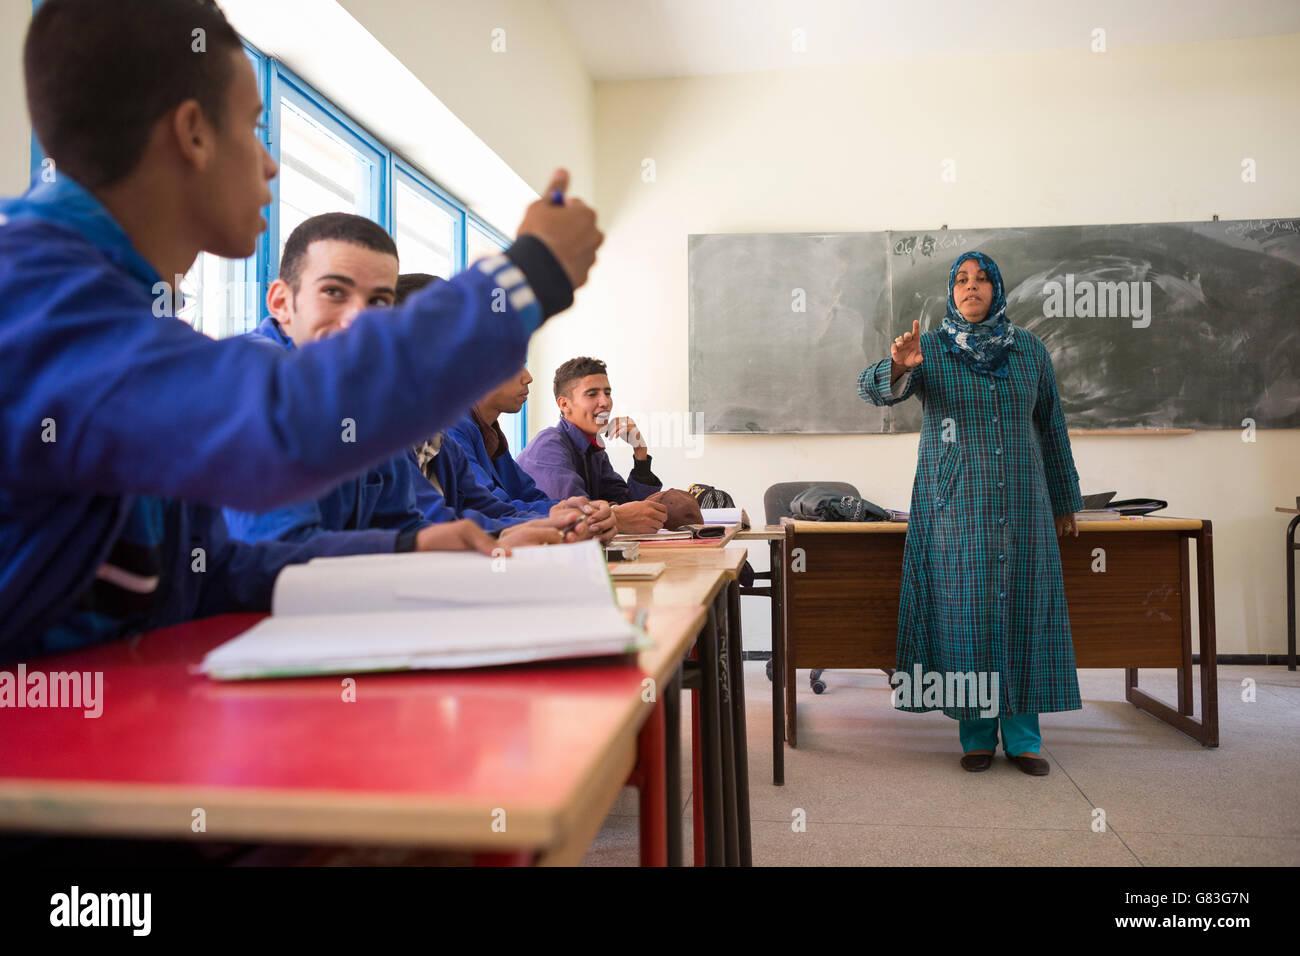 Les étudiants apprennent dans un cours de formation professionnelle à Agadir, au Maroc. Photo Stock